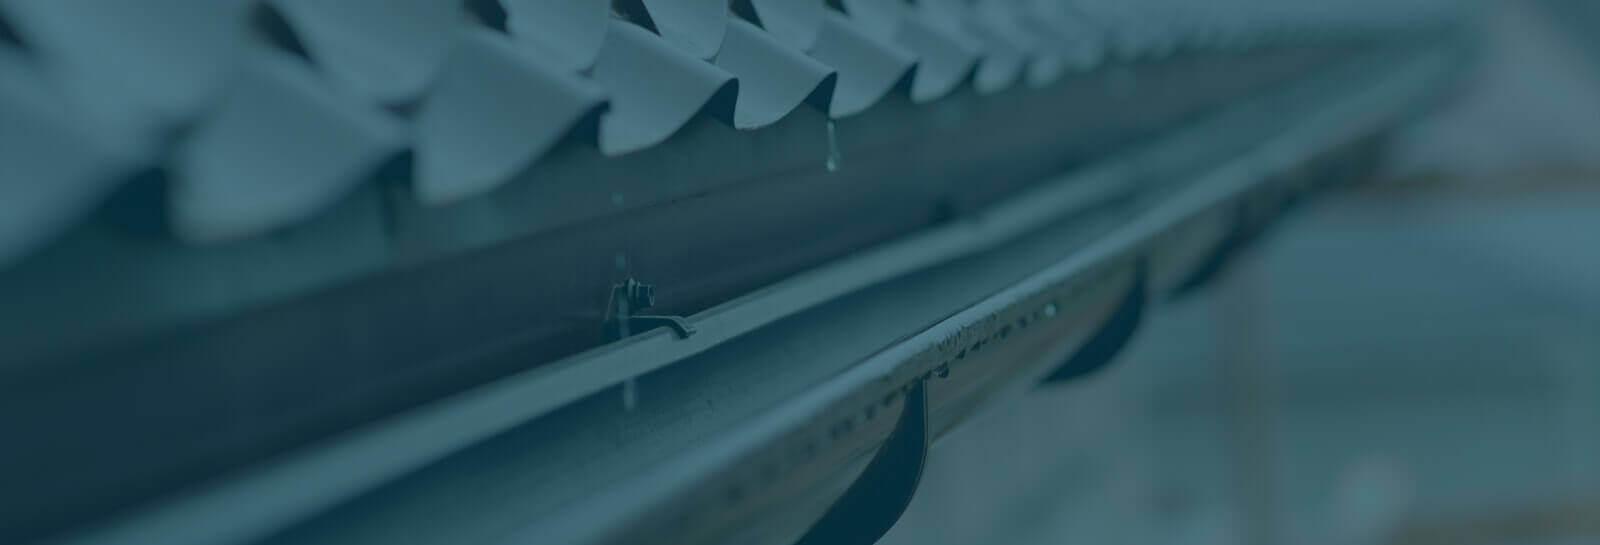 gutters-slider-bg